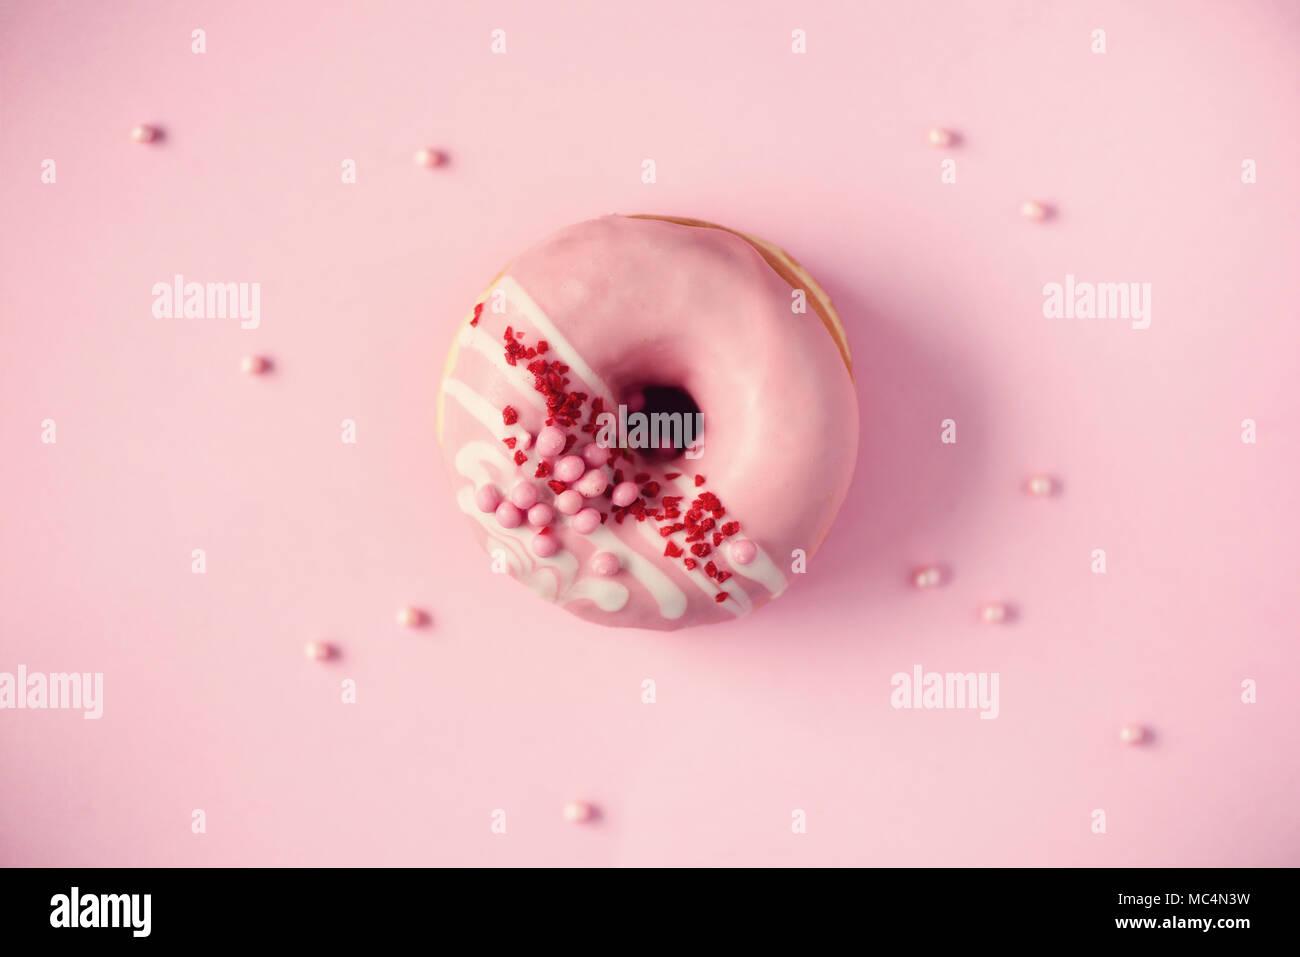 Sweet donut con glaseado rosa sobre fondo pastel. Sabroso donut rosa de textura, copie el espacio, vista superior Imagen De Stock